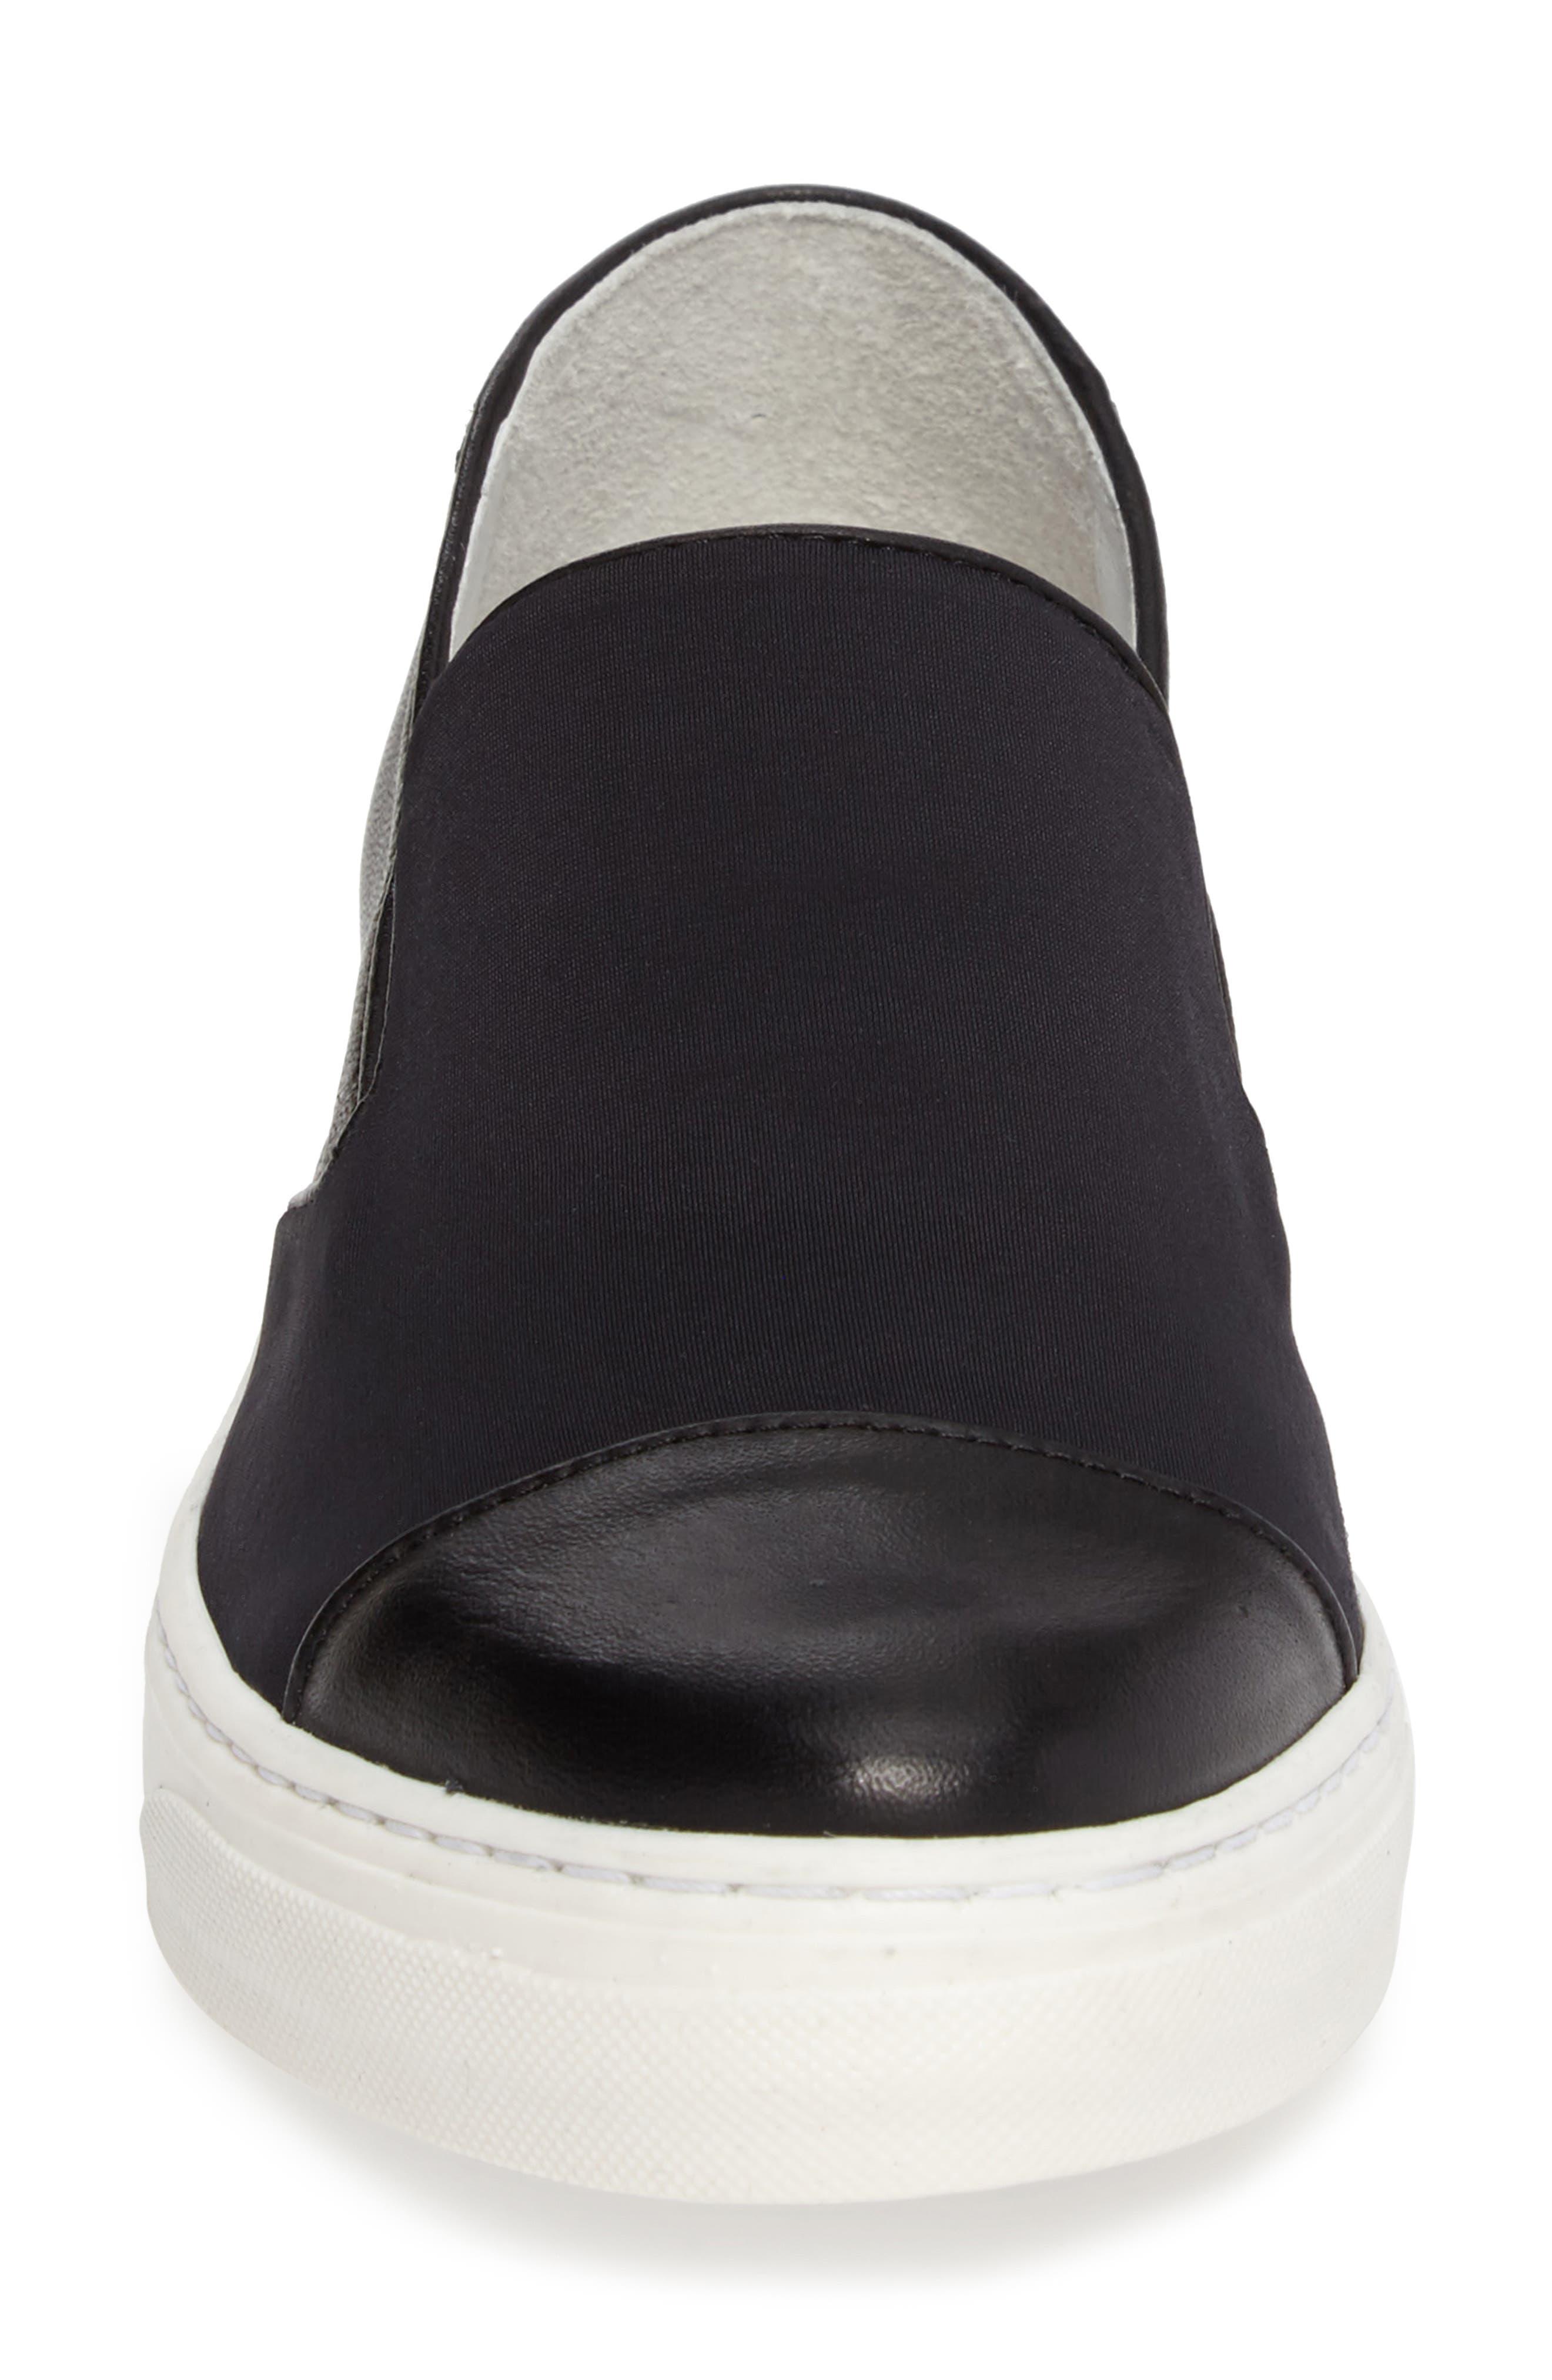 Betsy Slip-On Sneaker,                             Alternate thumbnail 4, color,                             001